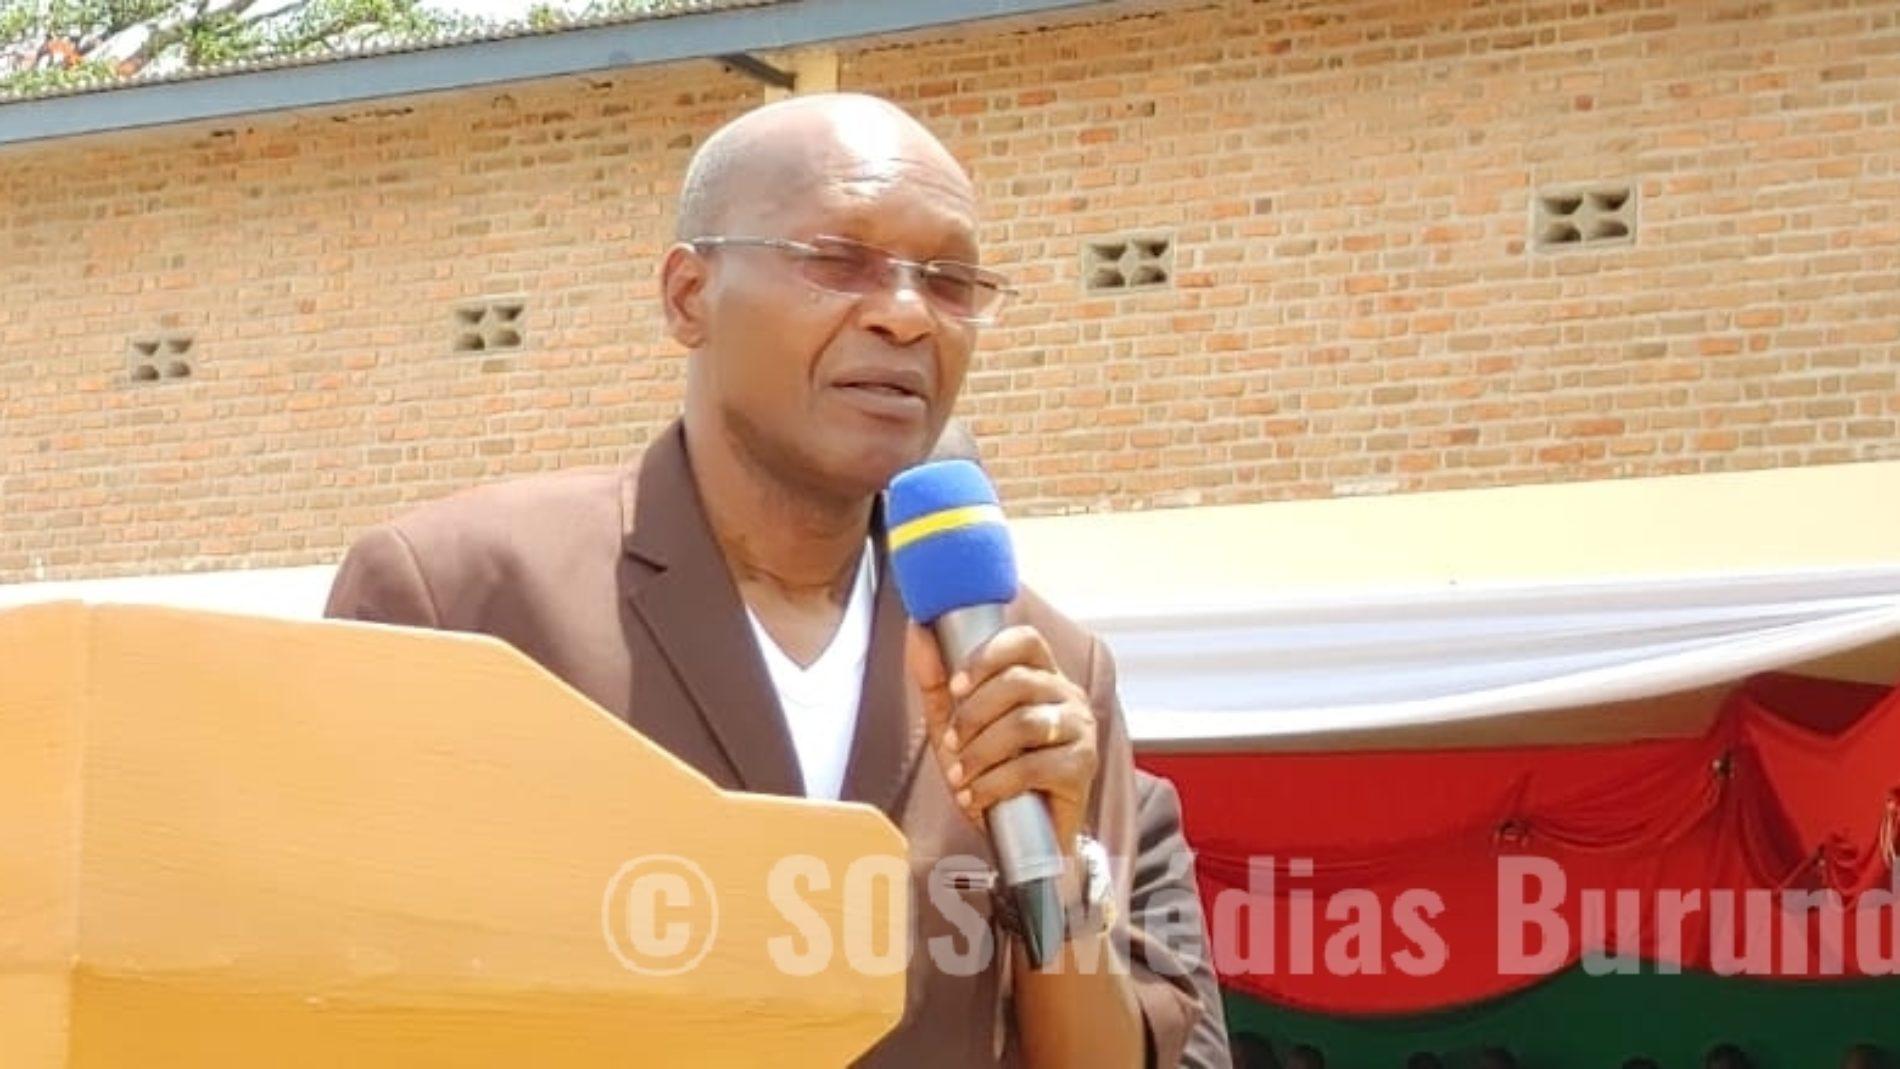 Burundi : l'Assemblée Nationale ne veut plus de réfugiés urbains